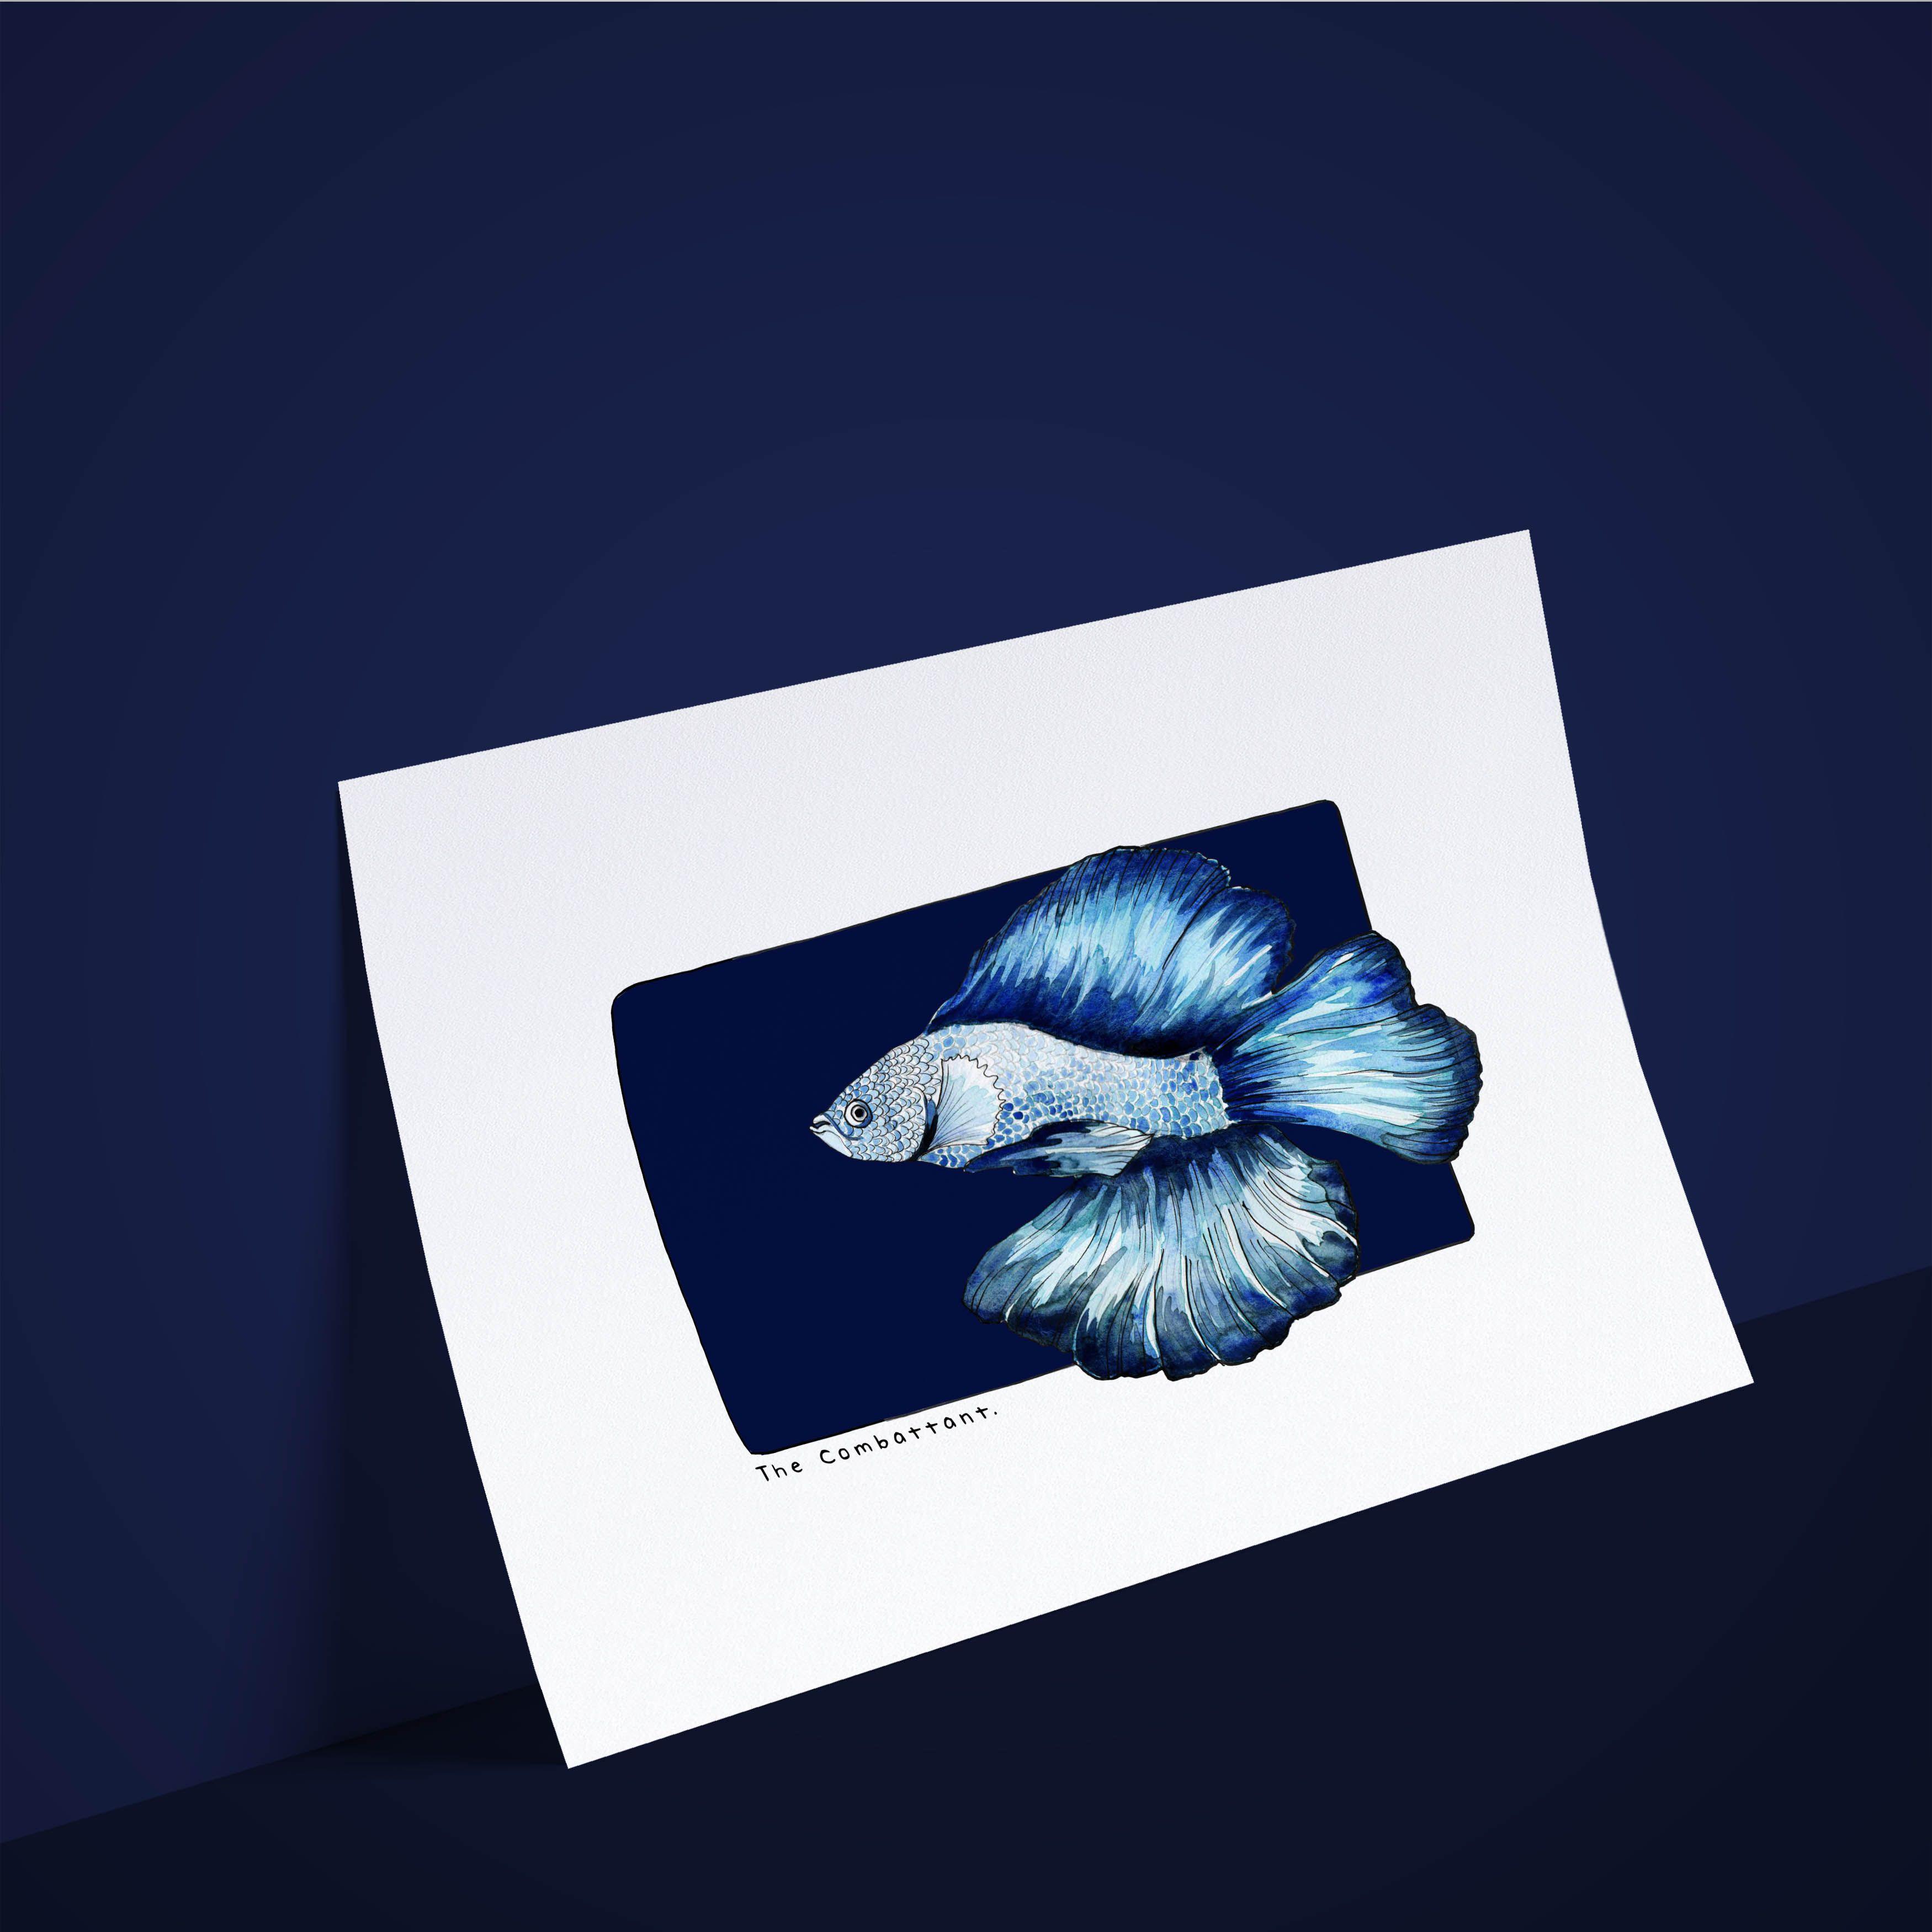 Dans la série des poissons, je voudrais... Le Combattant ! . #aquarelle #watercolor #madeinnantes #combattant #fish #fisch #peces #poisson #acuarela #akwarela #aquarellepainting #aquarell #Акварель